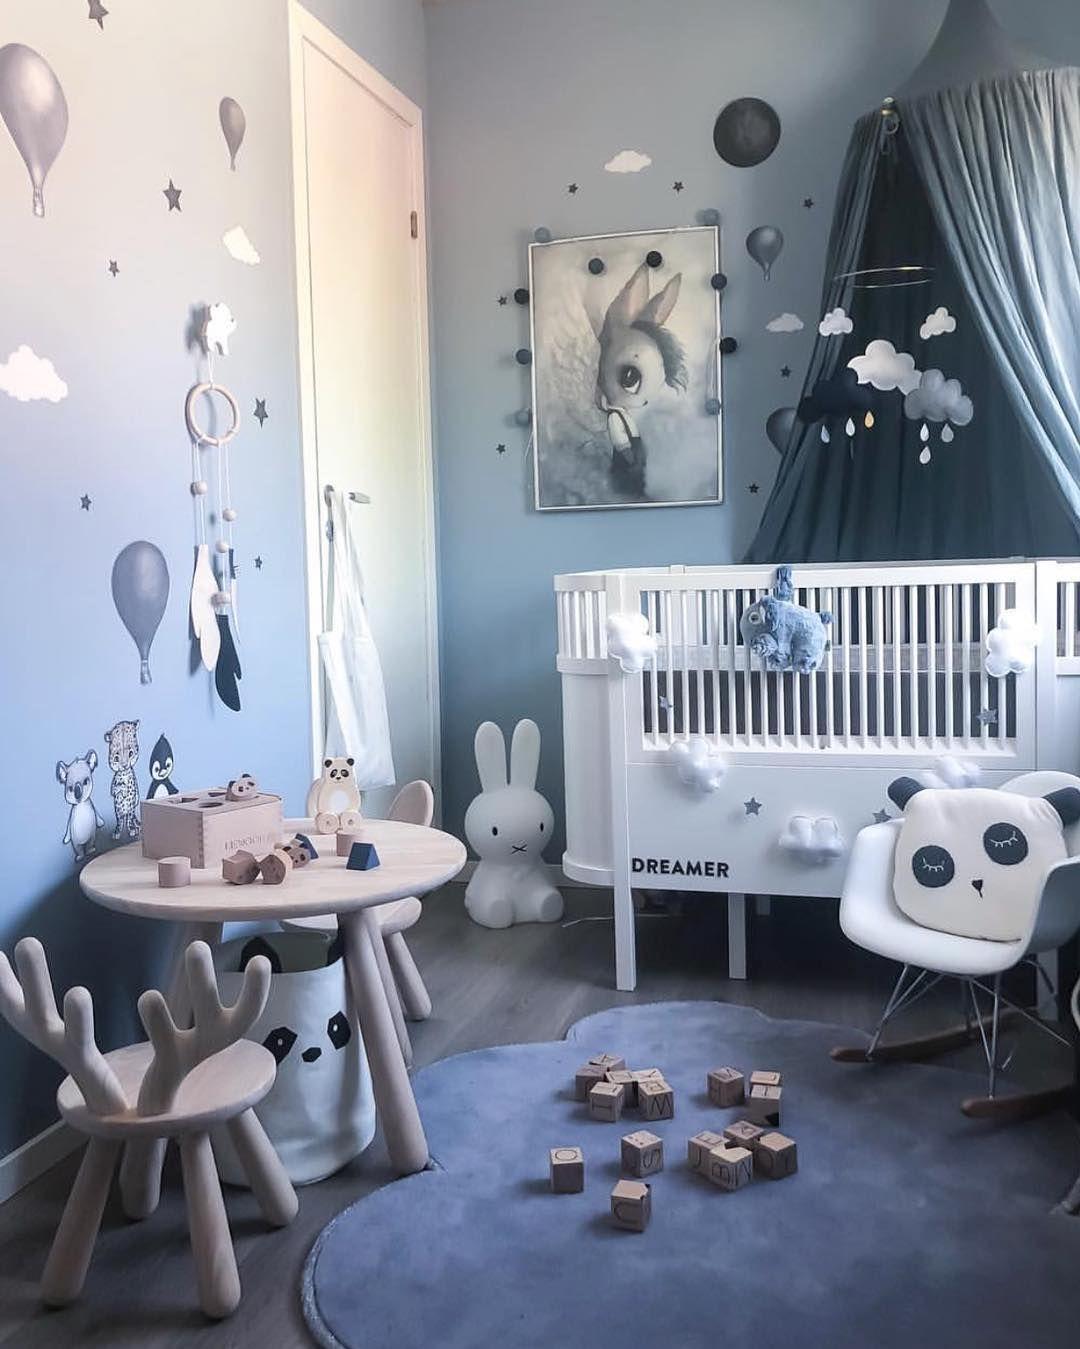 blauwe kinderslaapkamer | slaapkamer inspiratie | bedroom ideas ...